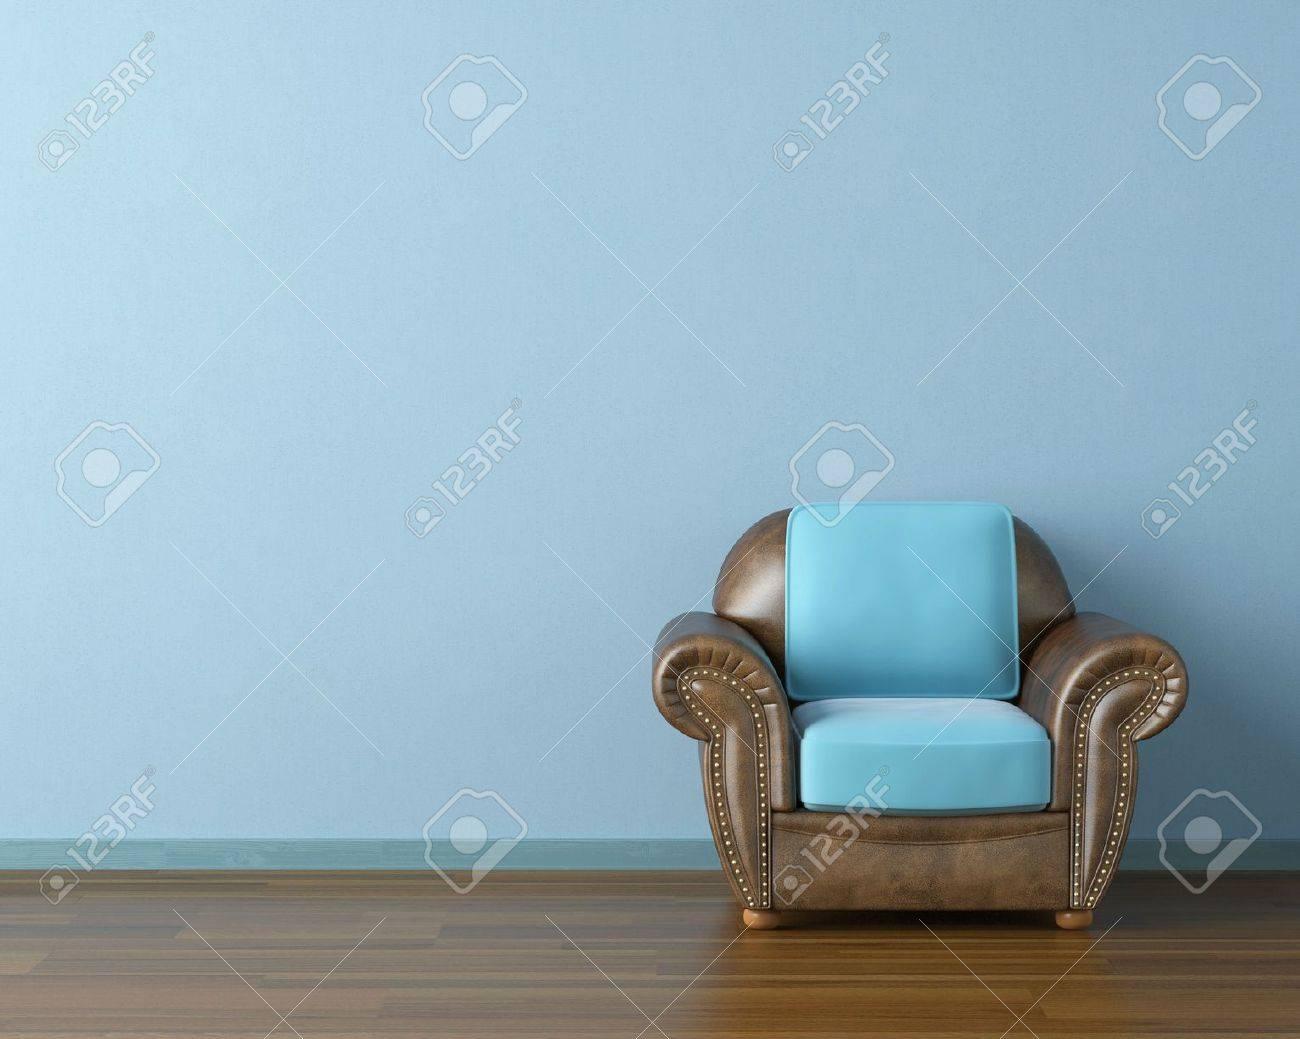 Moderne Bruin Leren Bank.Interieur Design Sca Ne Met Een Moderne Bruin Lederen Bank En Lamp Op Blauwe Muur